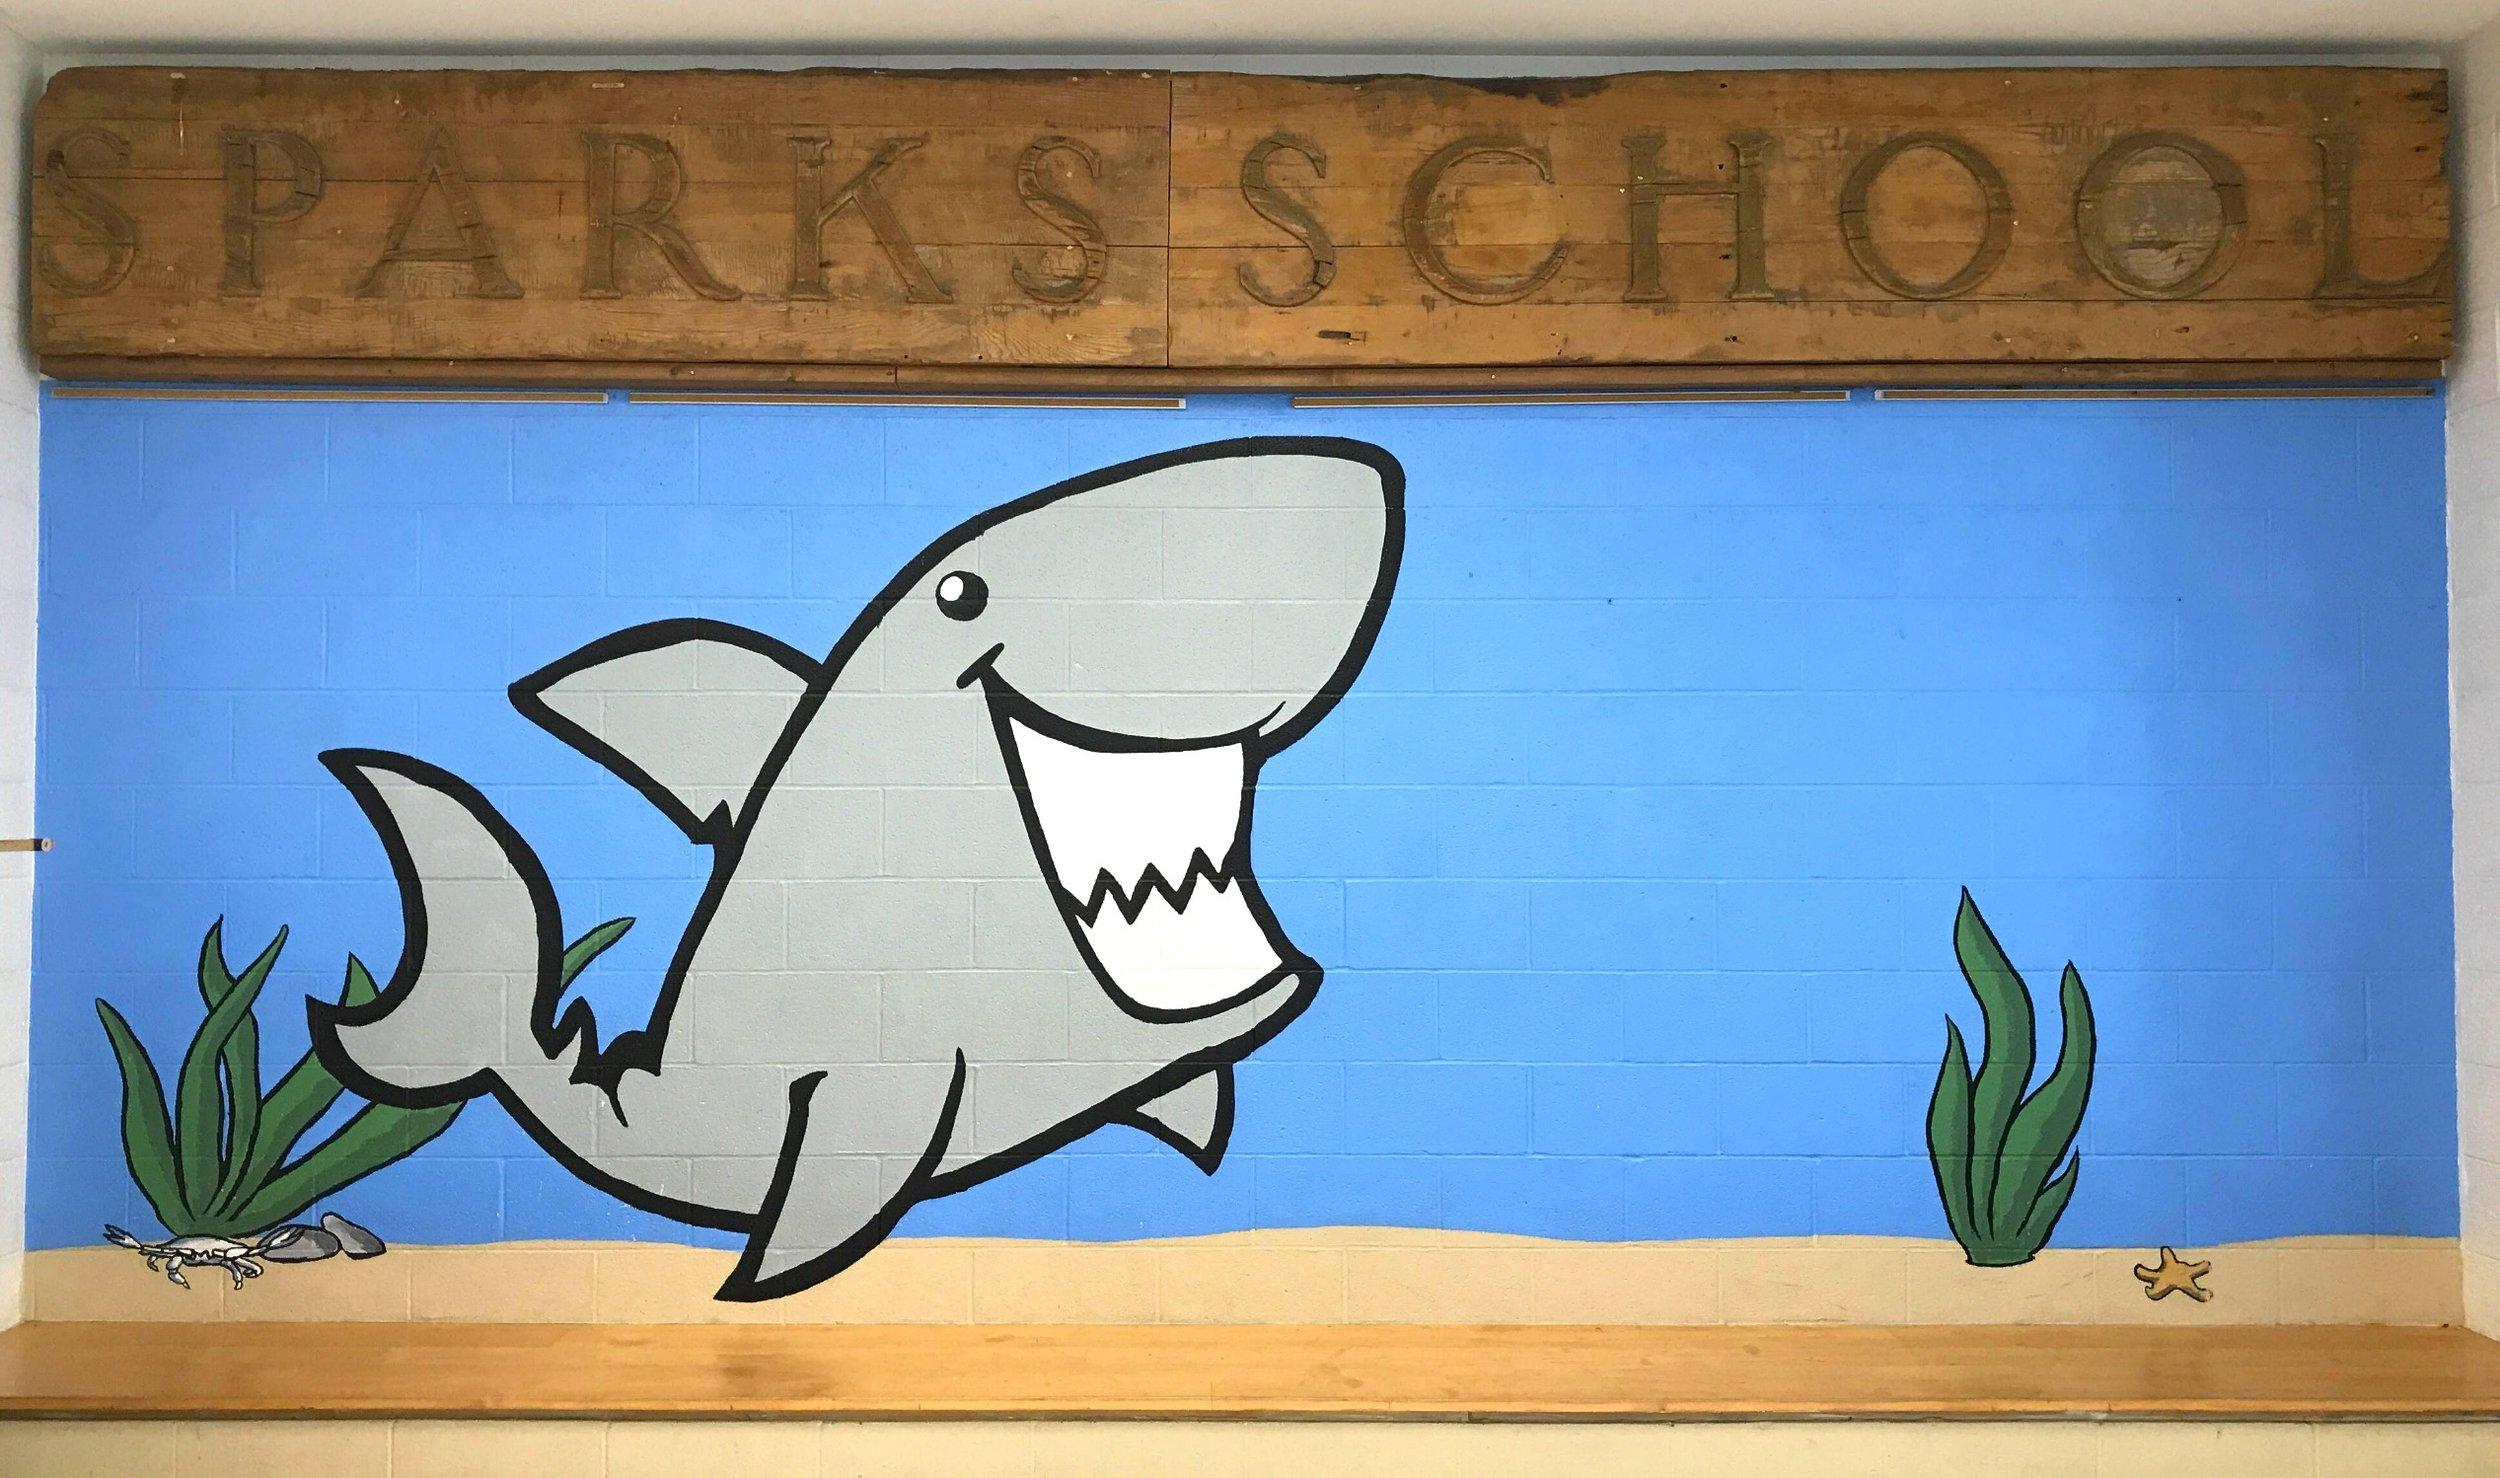 sparks school mural 3.jpg